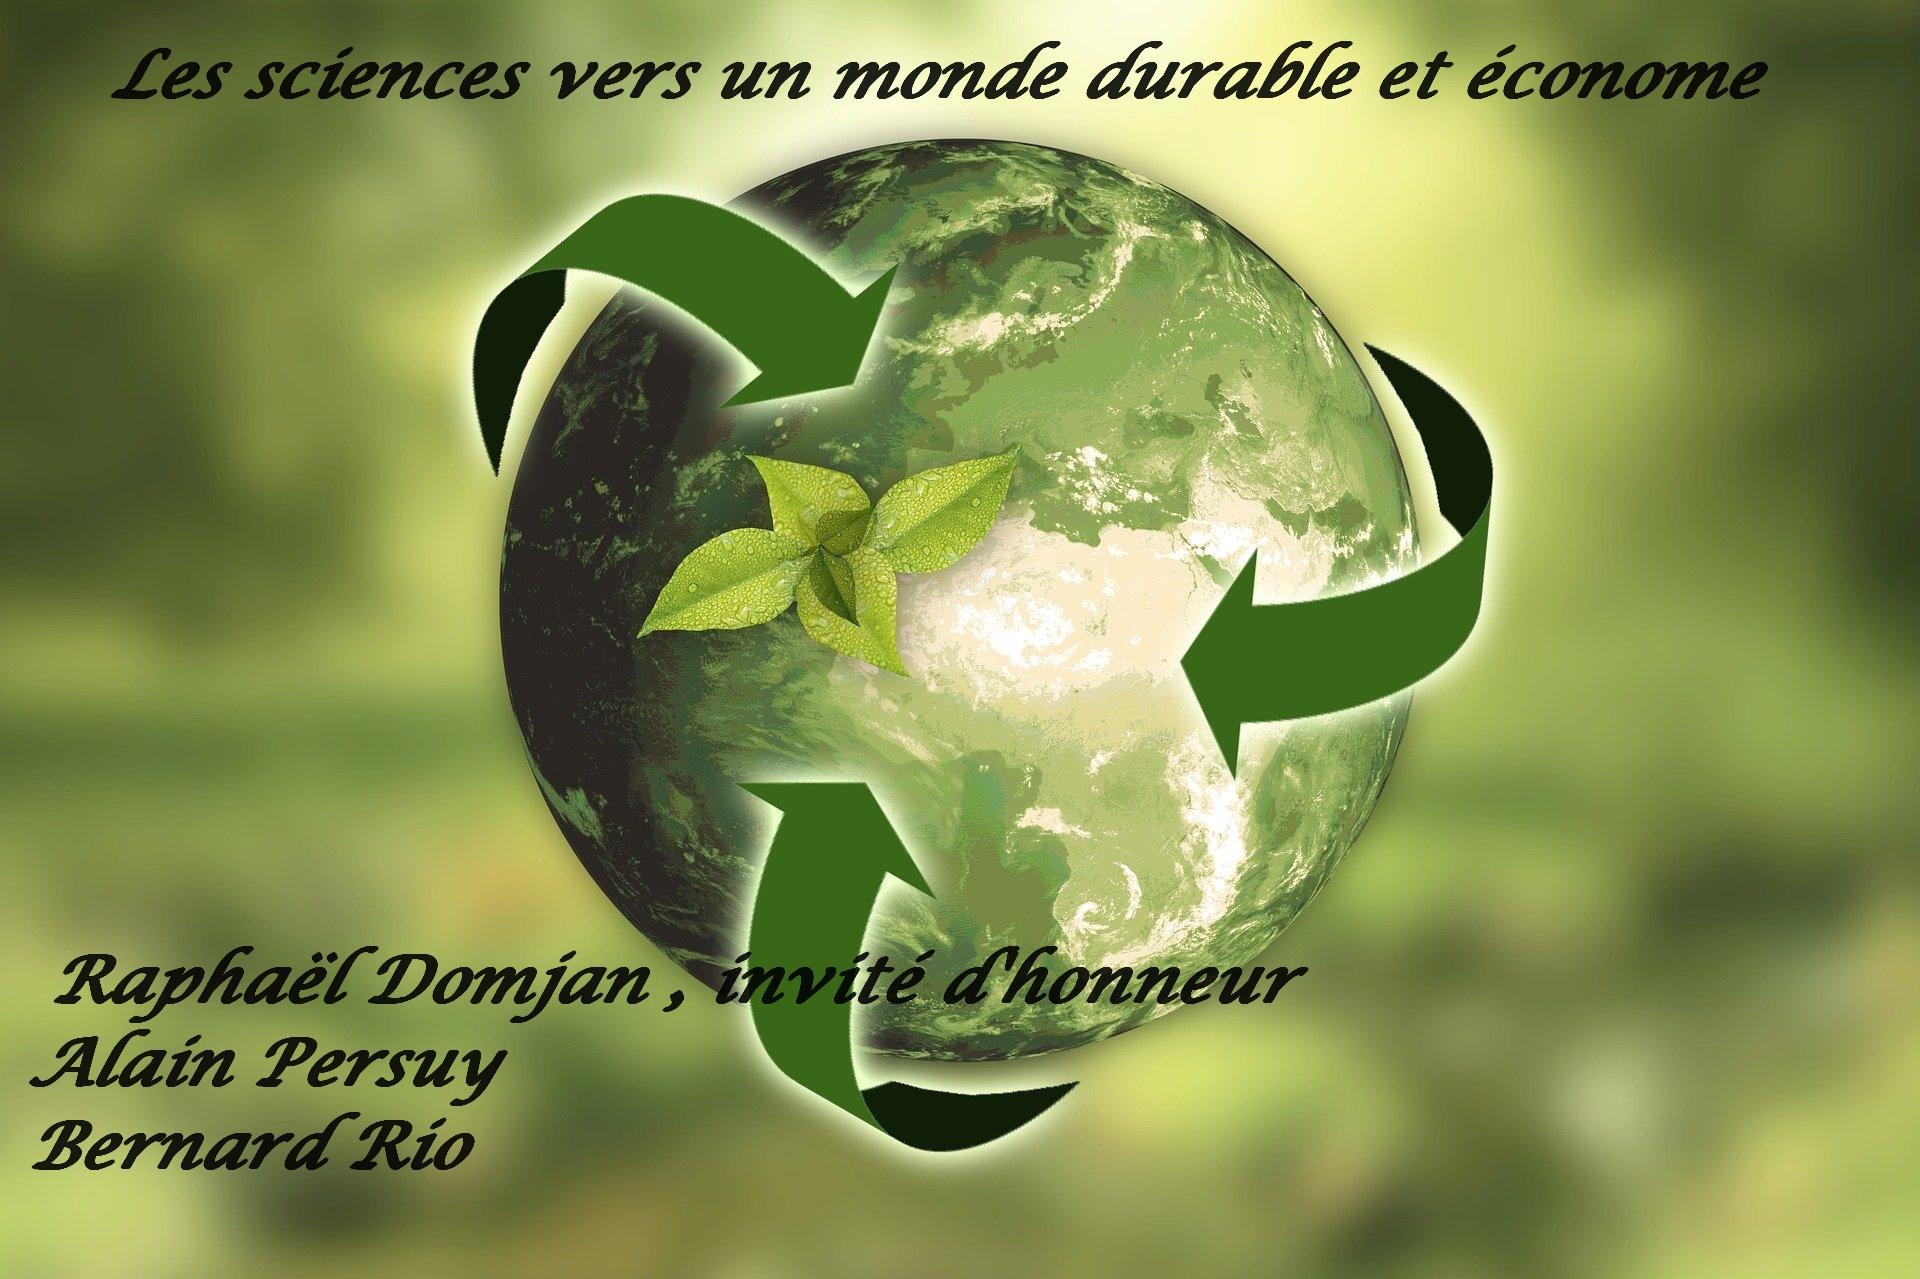 Les sciens vers un monde durable et économe